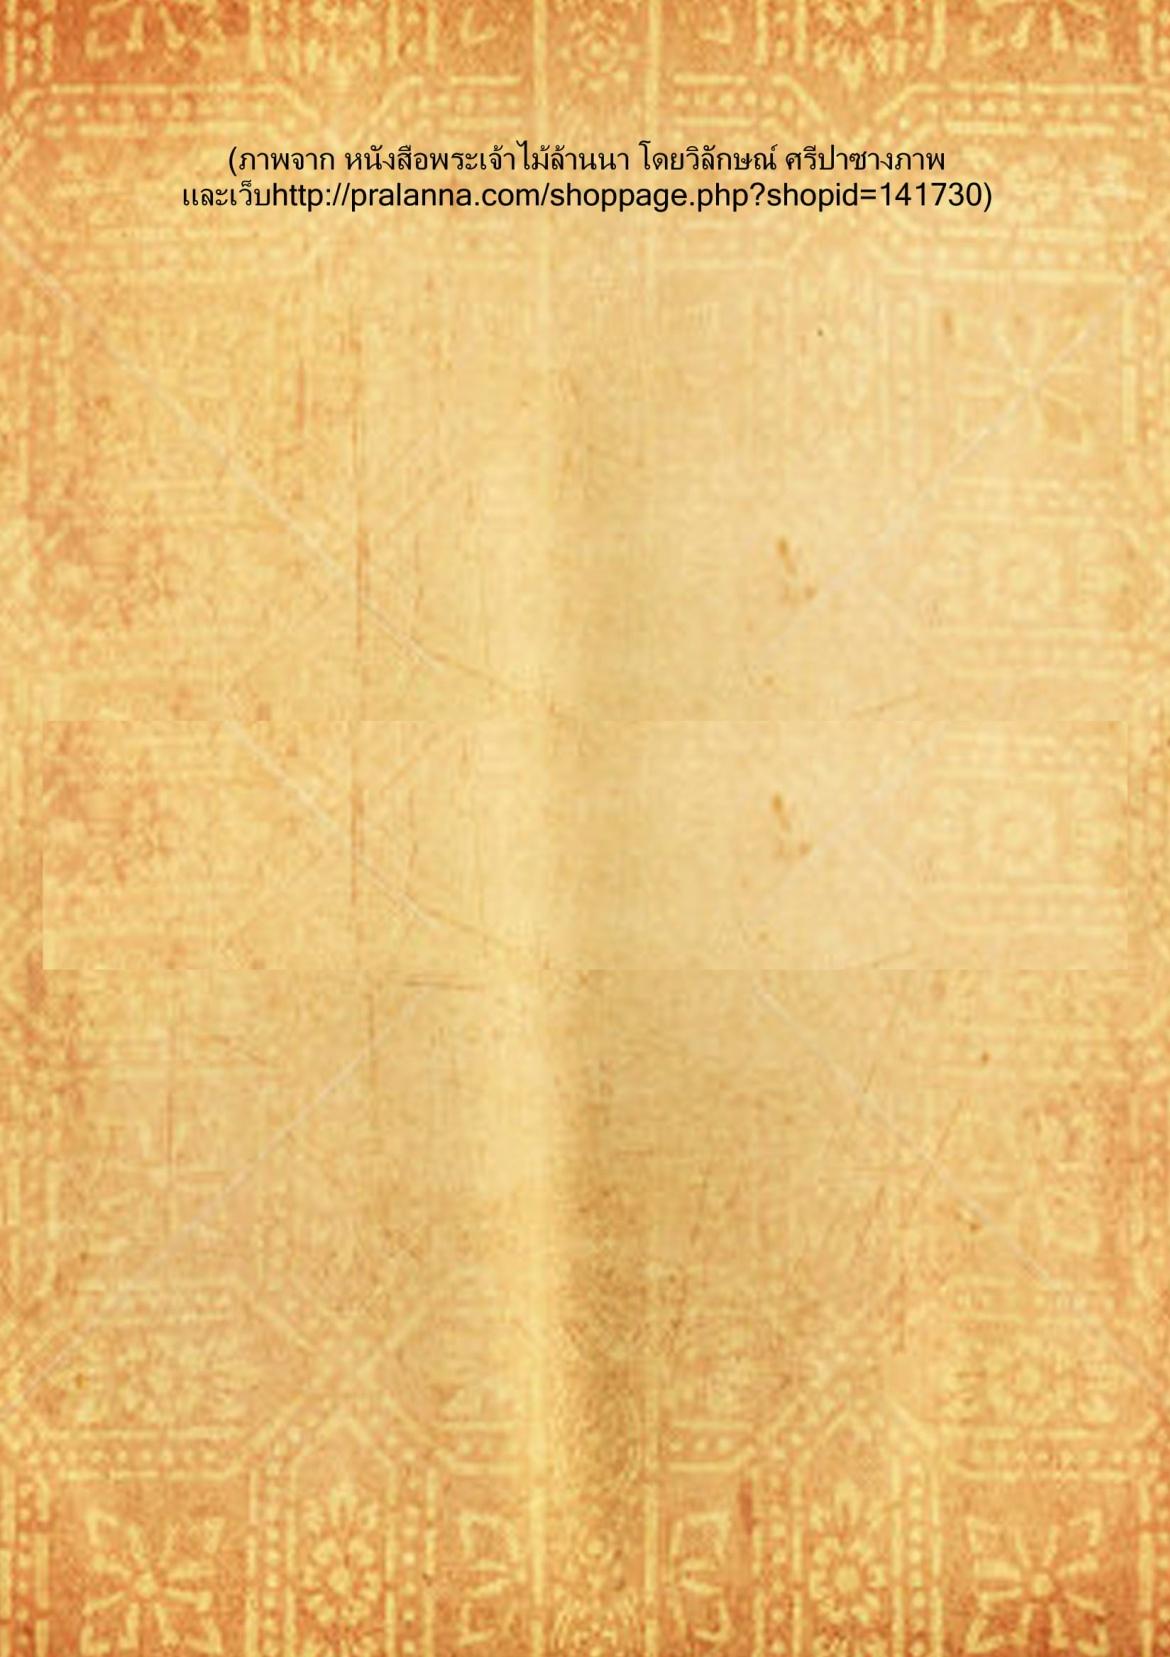 พระเจ้าไม้ (3) - 29  สิงหาคม  2559